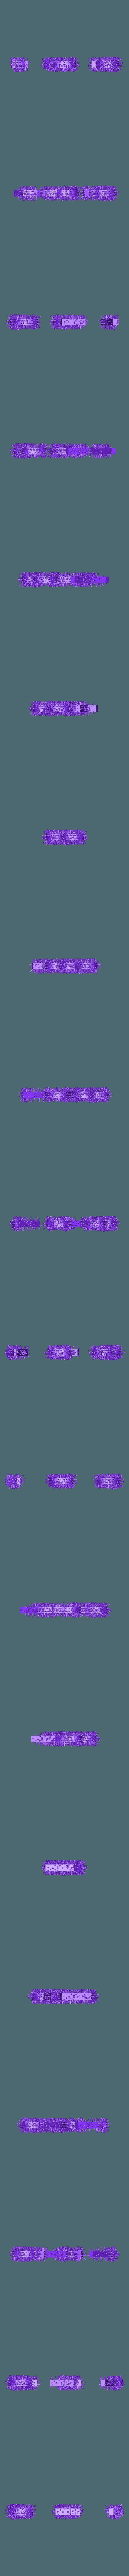 infected-123.STL Télécharger fichier STL Nombre de personnes infectées • Design imprimable en 3D, syzguru11